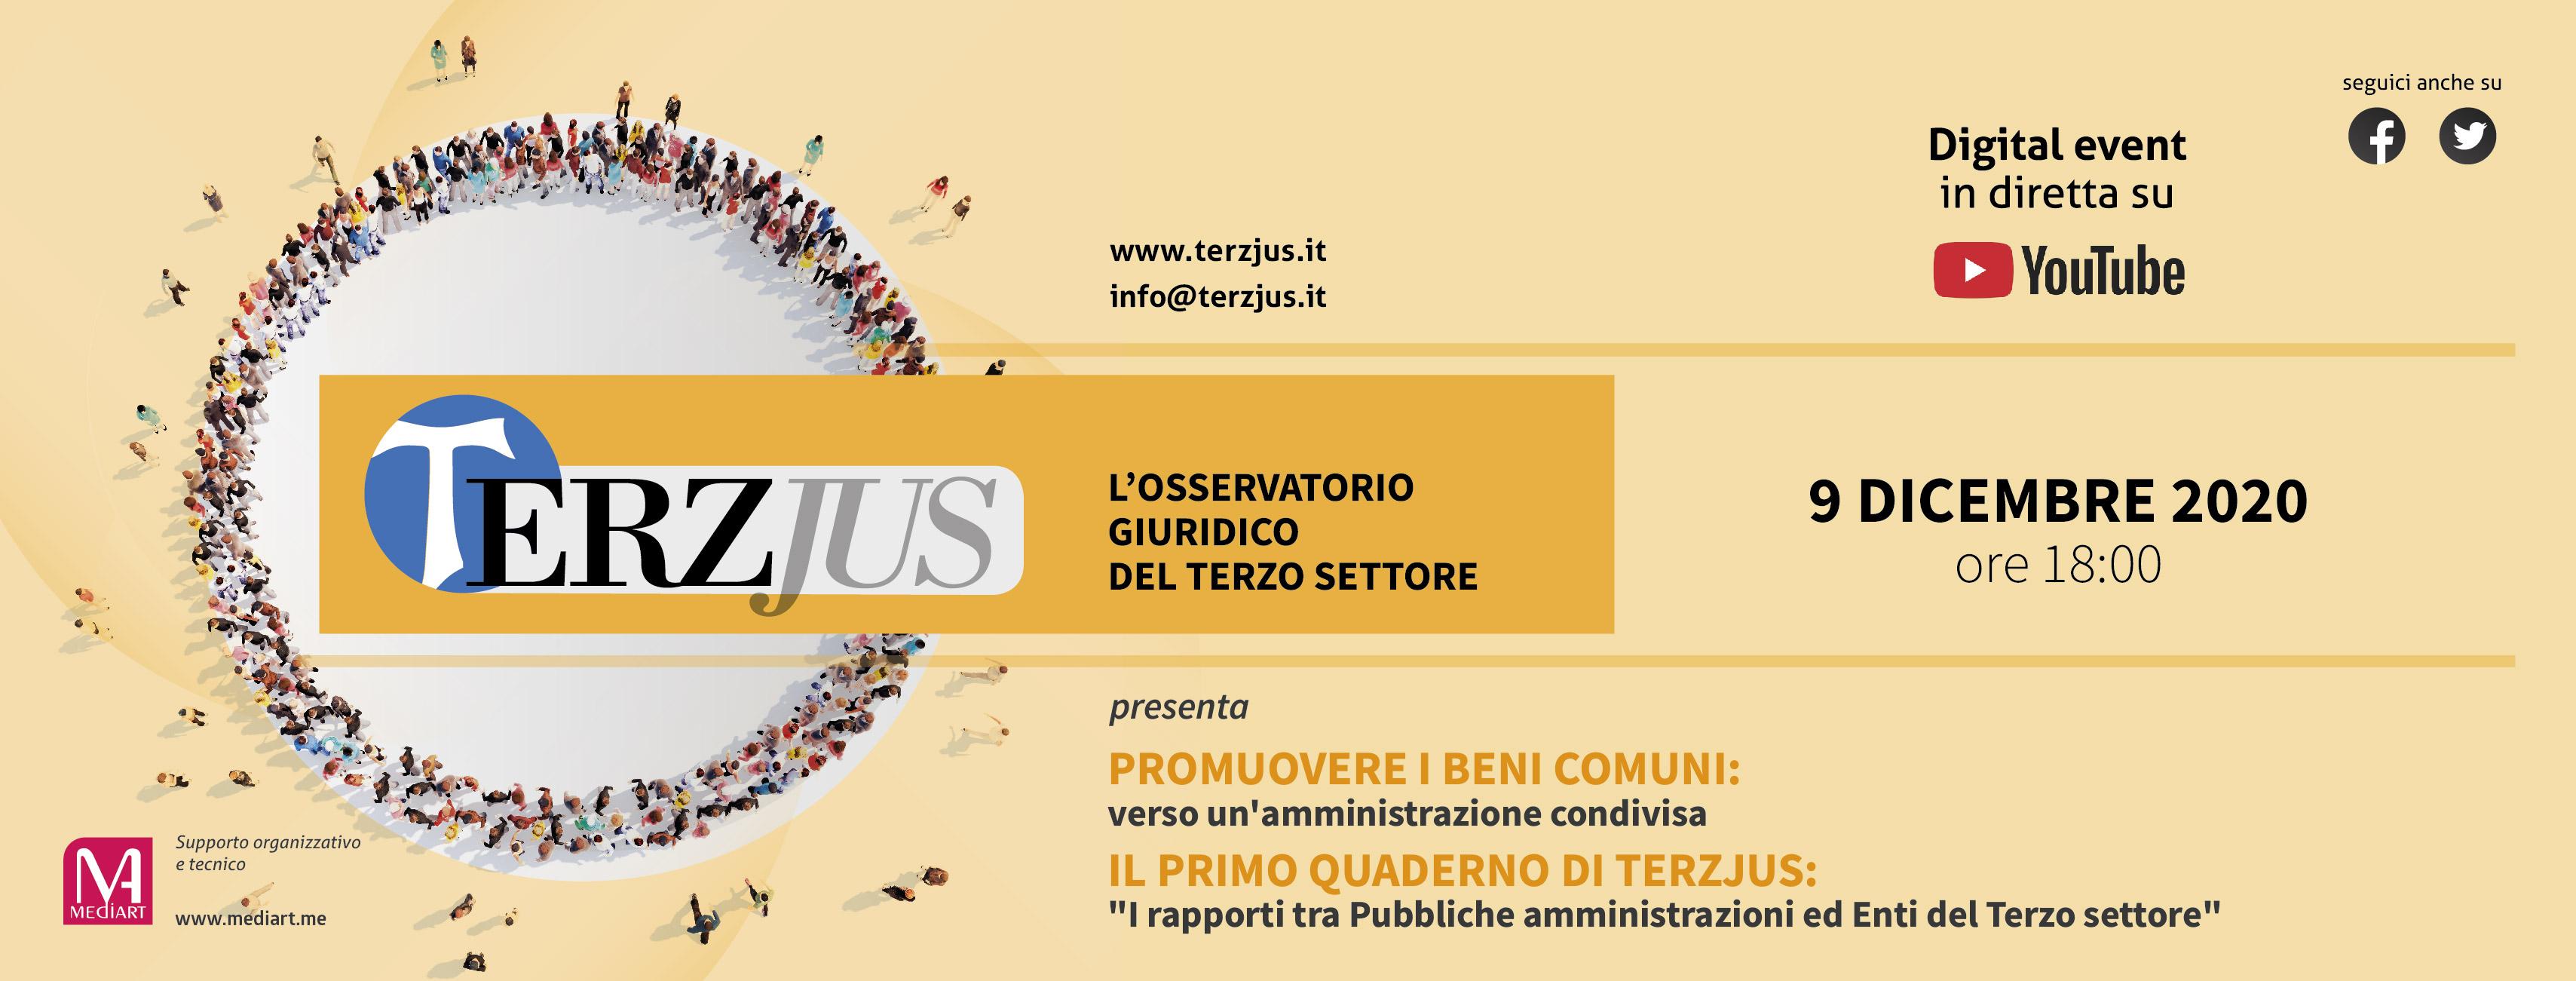 """Terzjuswebinar """"Promuovere i beni comuni: verso un'amministrazione condivisa"""", 9 dicembre ore 18"""